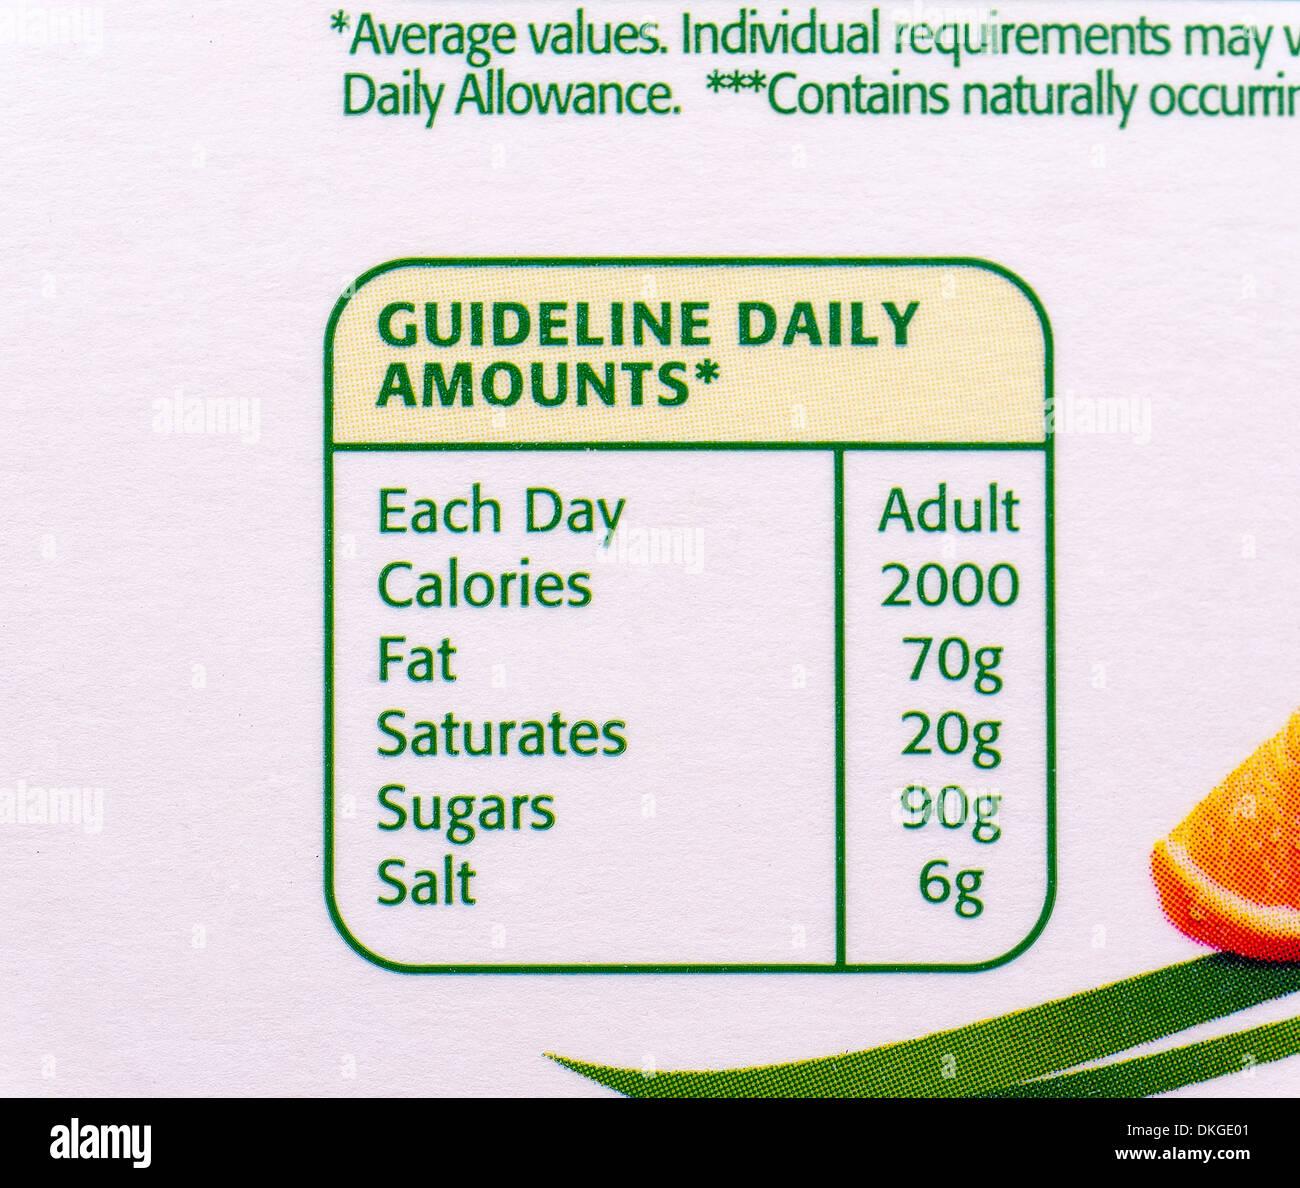 Diario de adultos pautas de calorías, grasas, azúcares, sal satura,como se muestra en un cartón de zumo de naranja. Imagen De Stock